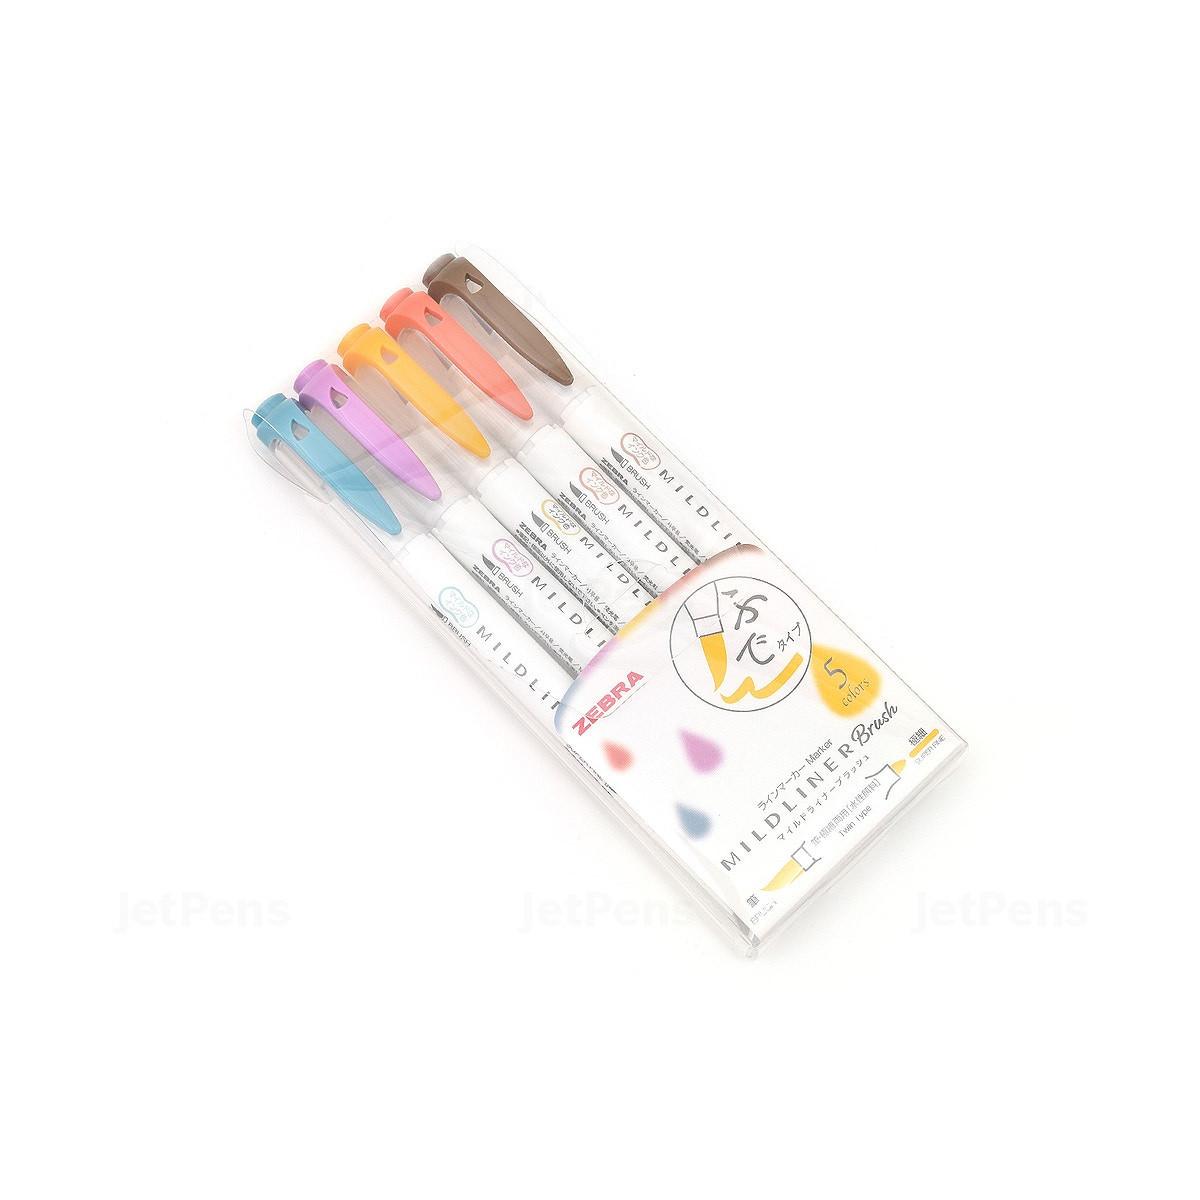 Bộ 5 bút lông đầu cọ hai đầu  Zebra Mildliner Double-Sided Highlighter Brush - Brush / Extra Fine - 5 Deep & Warm Color Set (Nhãn vàng)